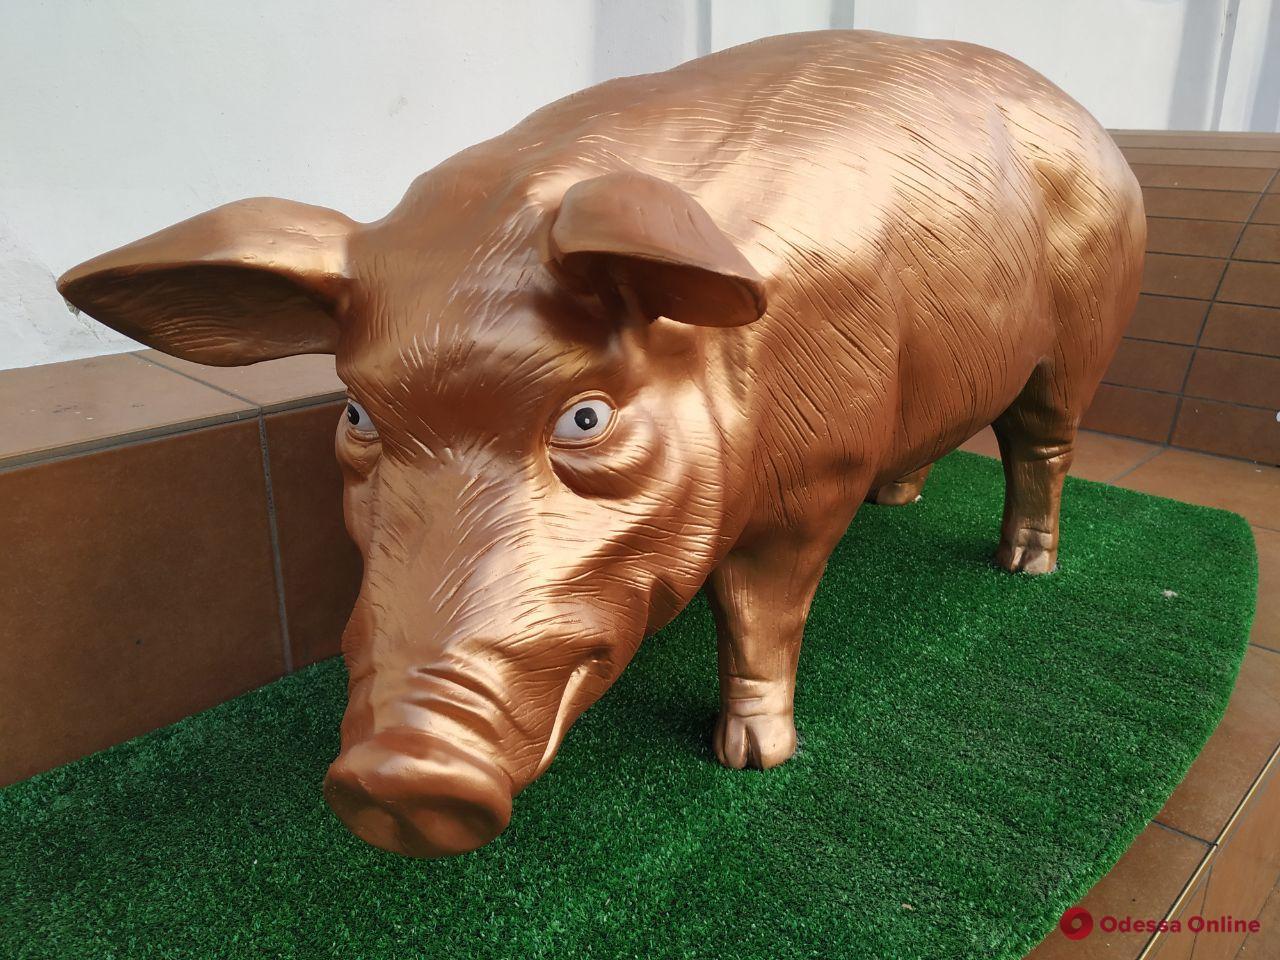 Не котами едиными: в Одессе появилась скульптура свиньи (фотофакт)